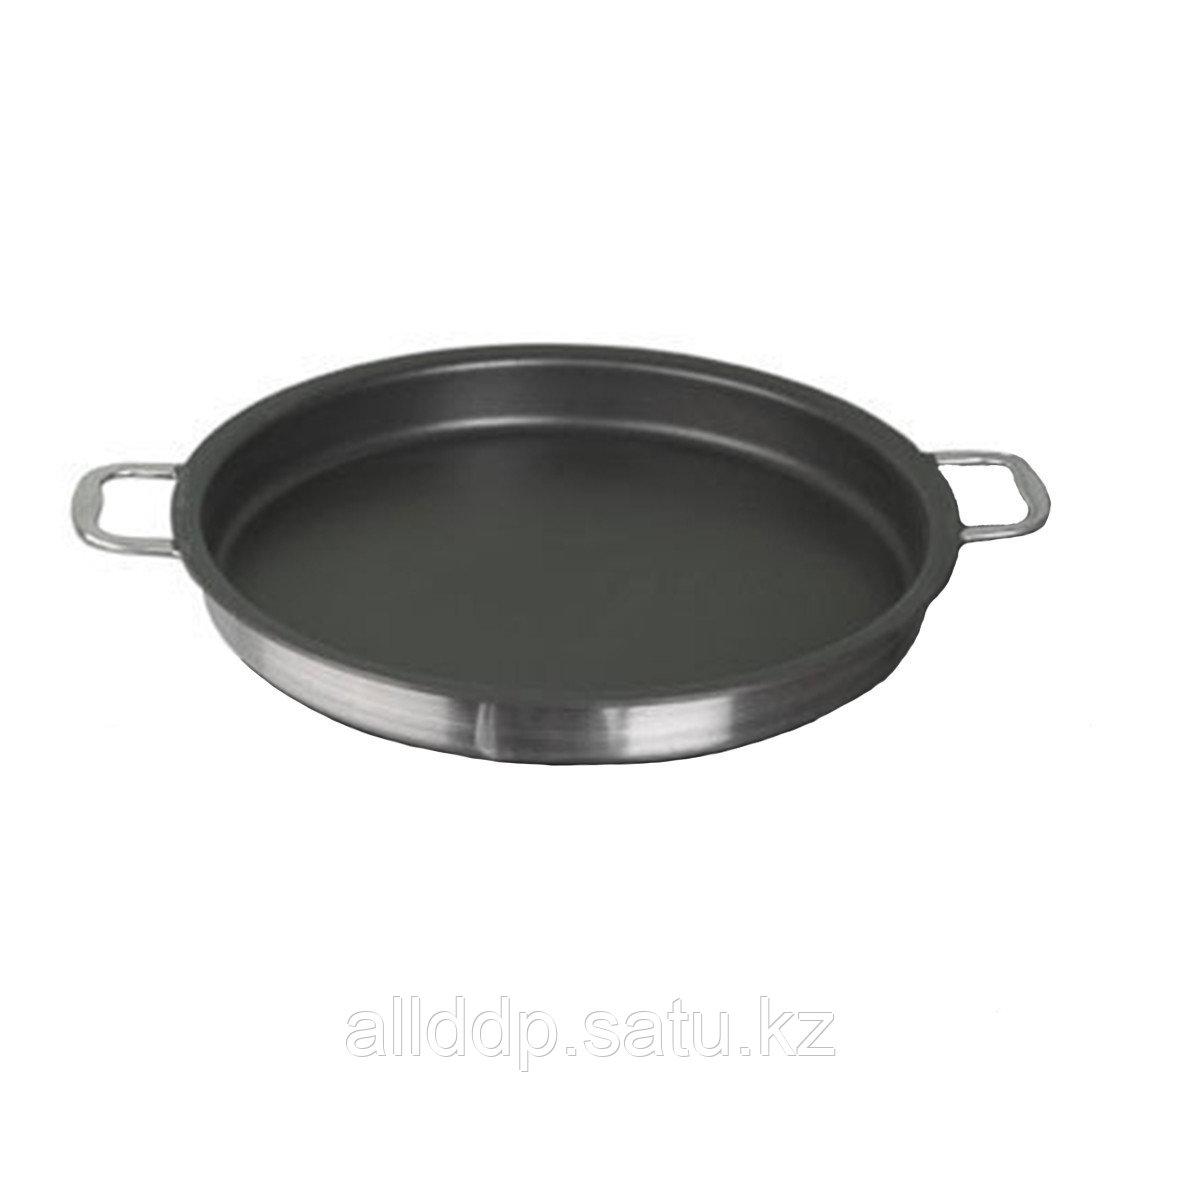 Сковорода профессиональная с тефл. покрытием, низкие борта,40 см